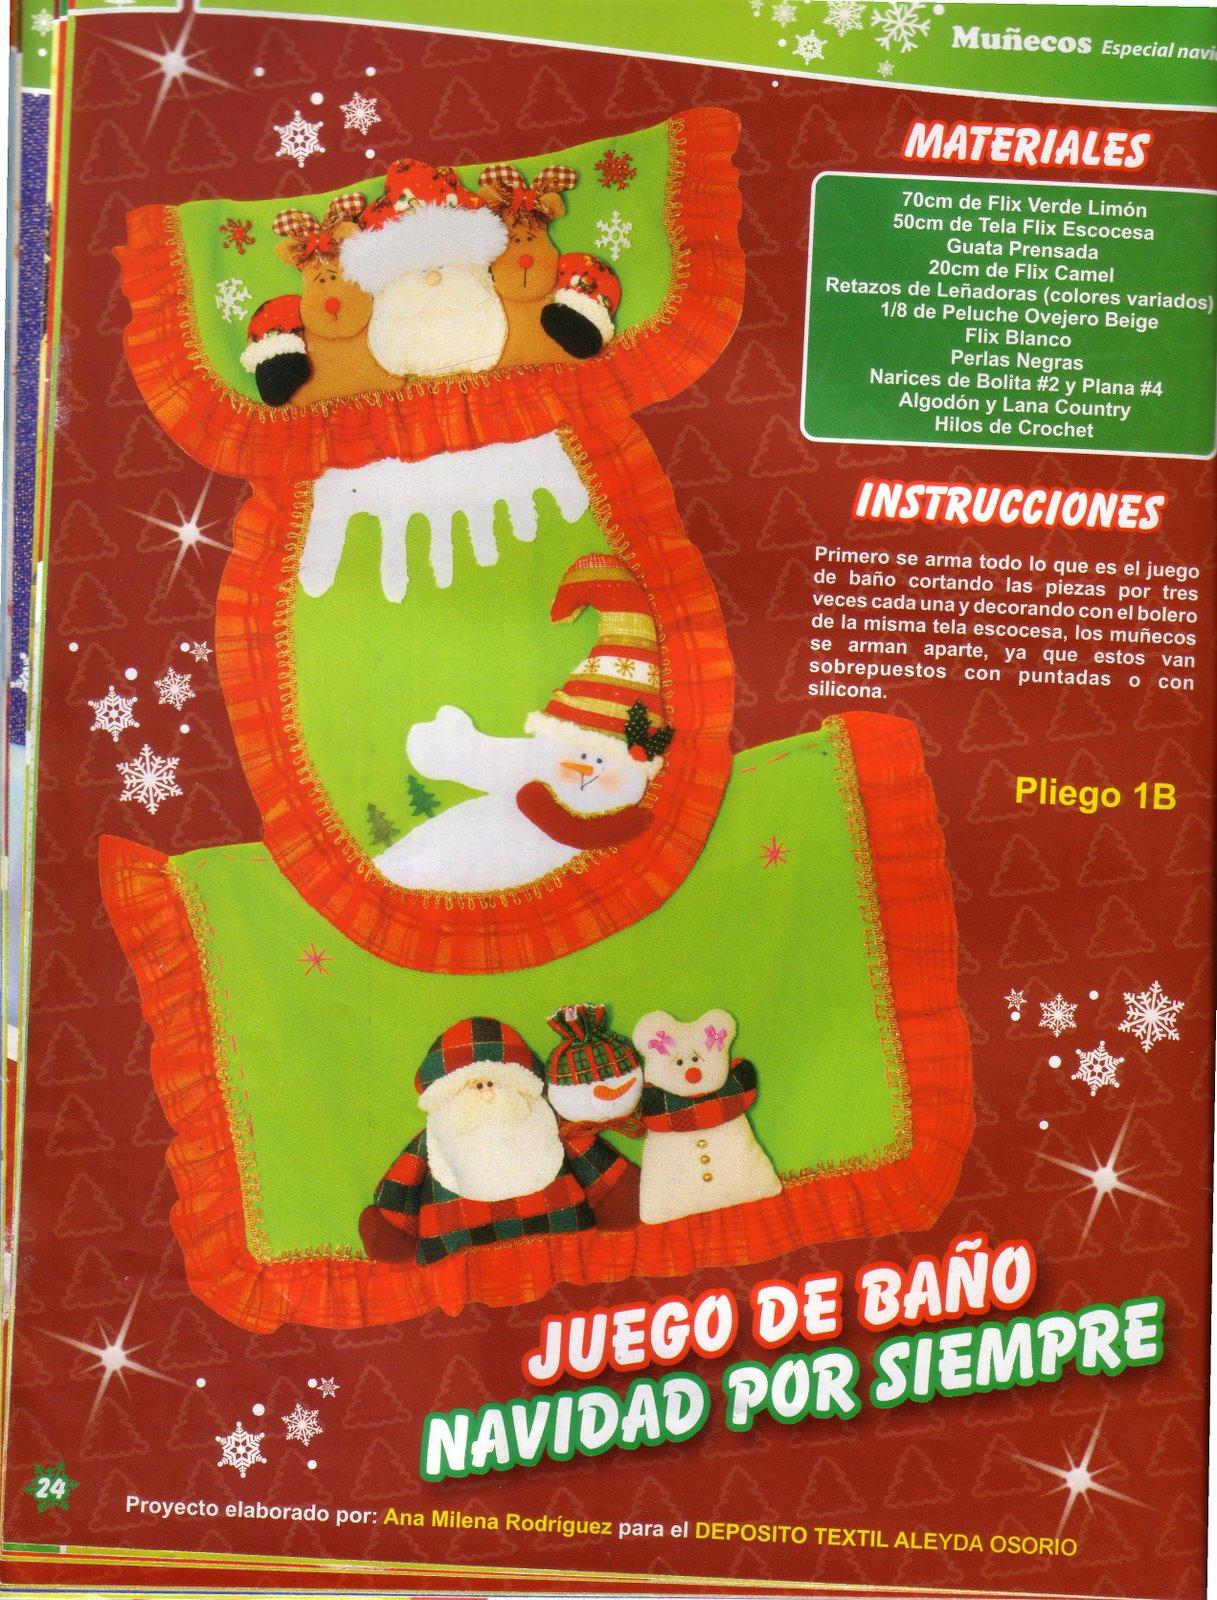 Juegos Baño Navidad Fieltro: Manualidades para Navidad: Juego de baño para Navidad con patrones